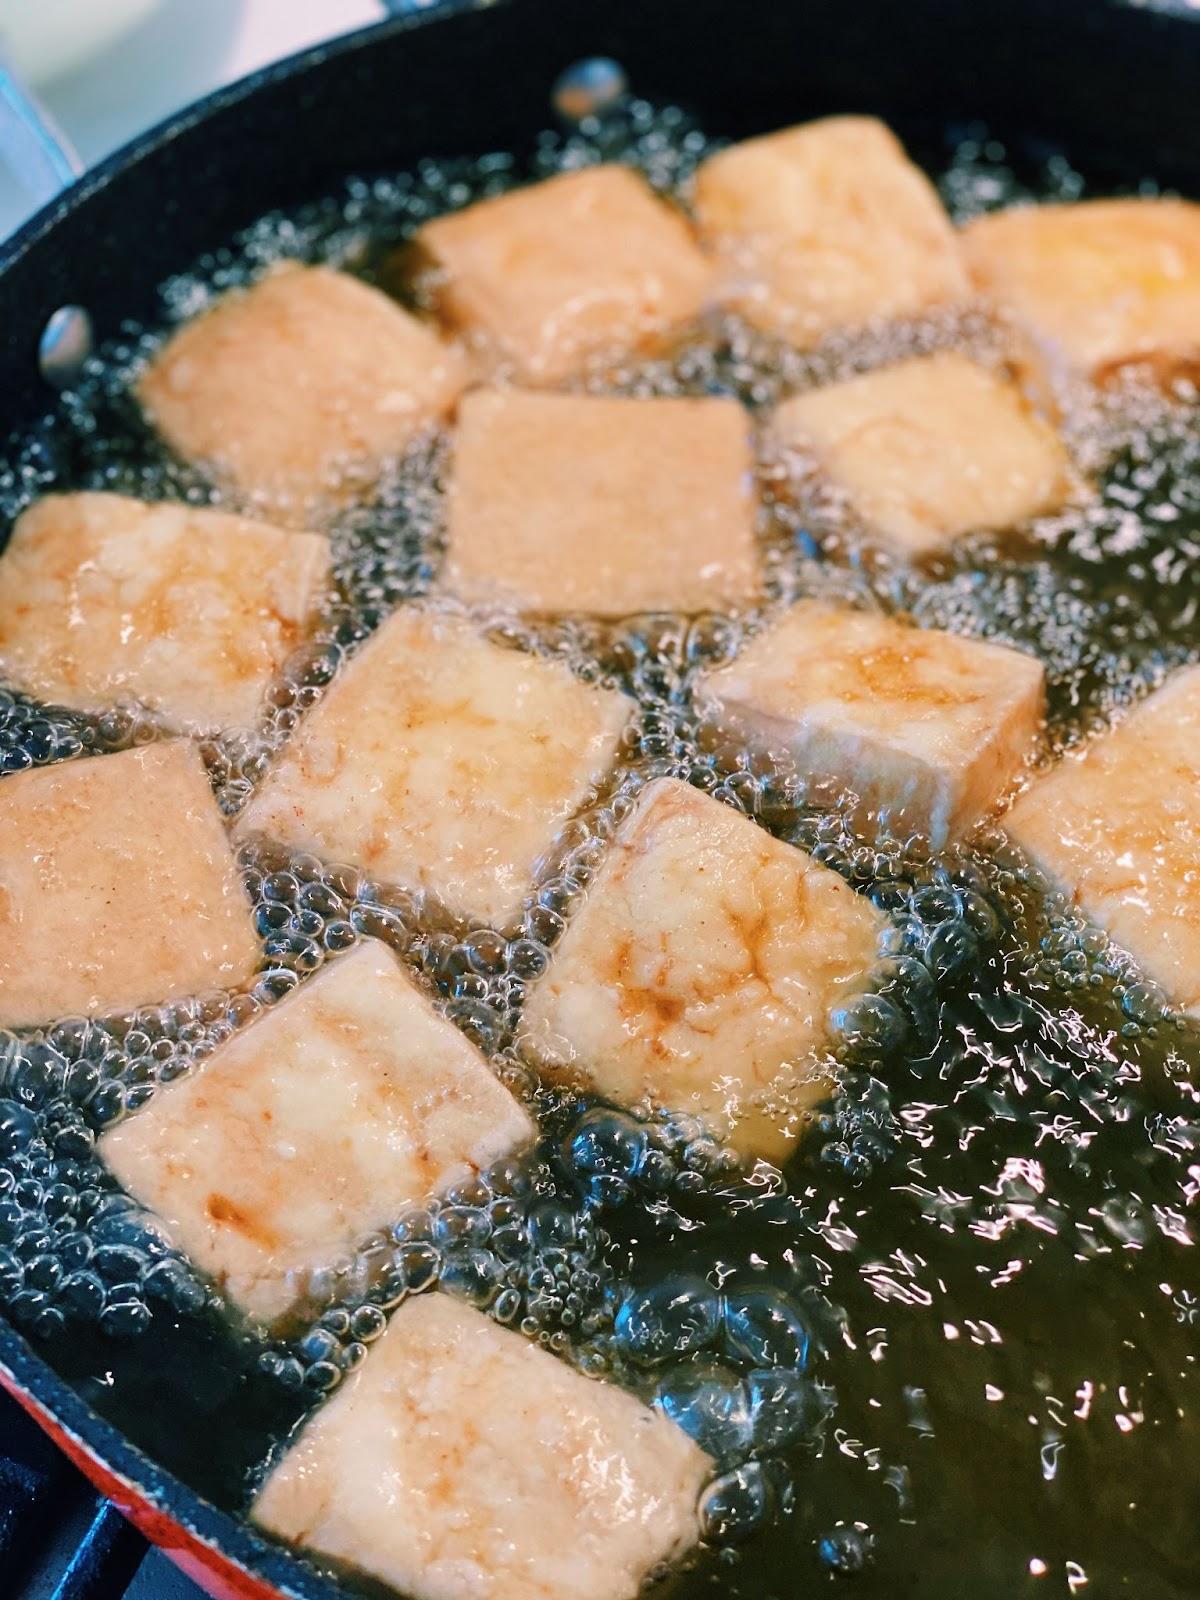 The perfect way to make tofu